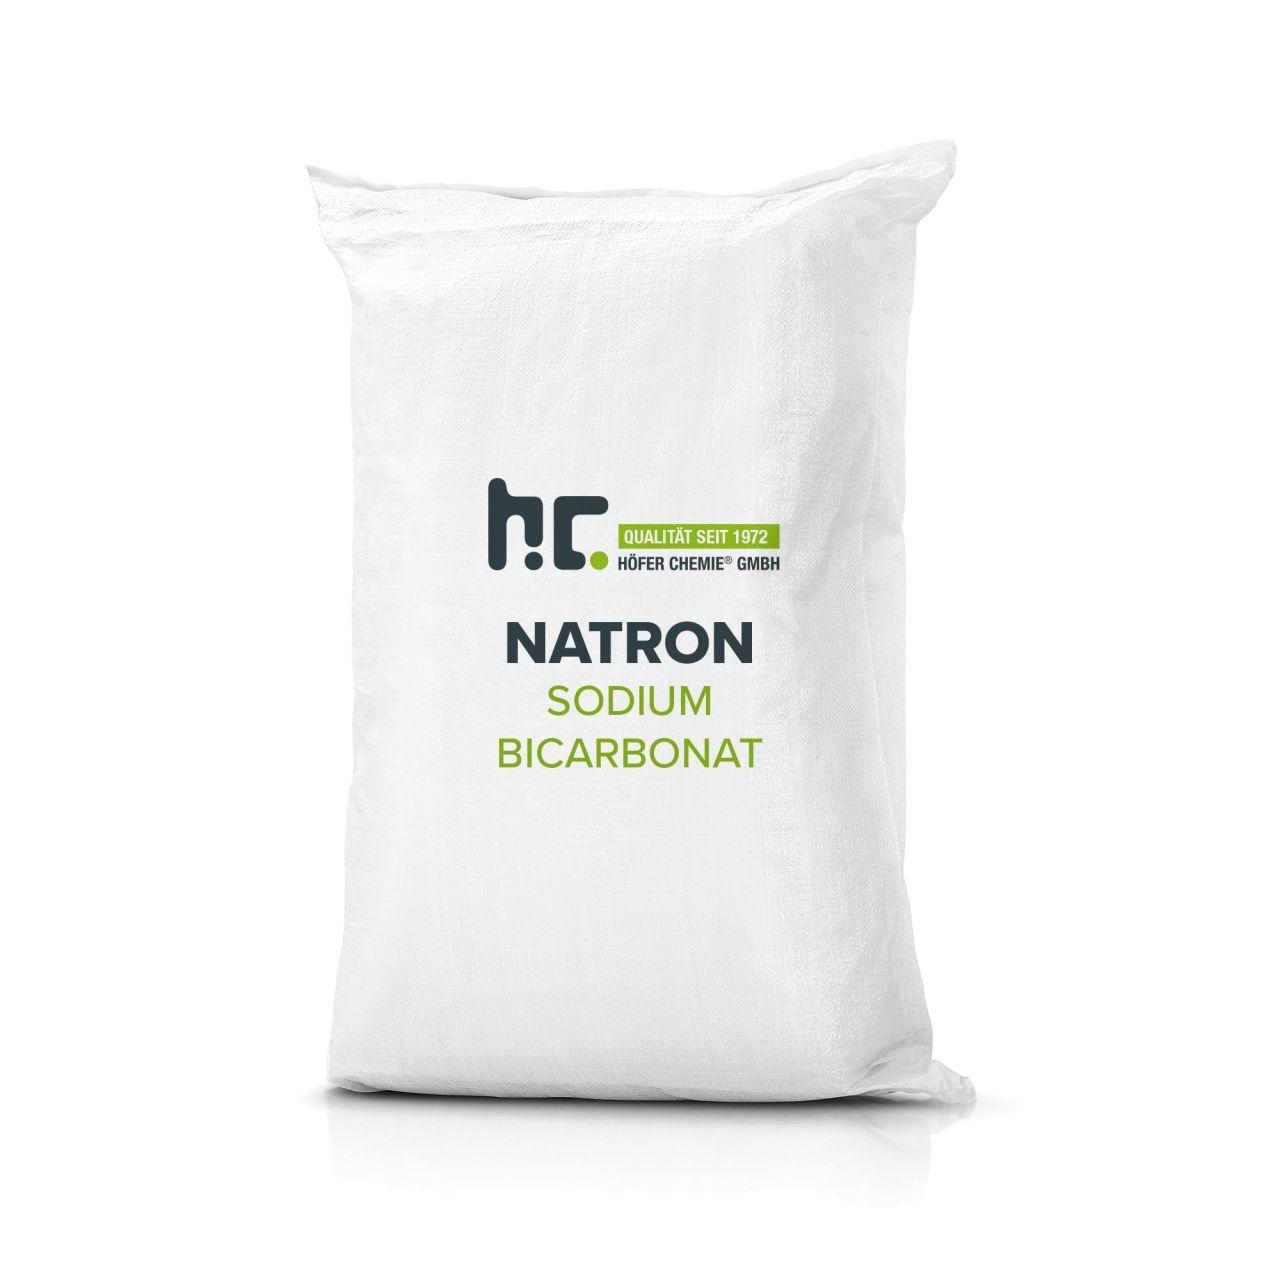 Höfer Chemie 25 kg de bicarbonate de sodium en qualité alimentaire (1 x 25 kg)